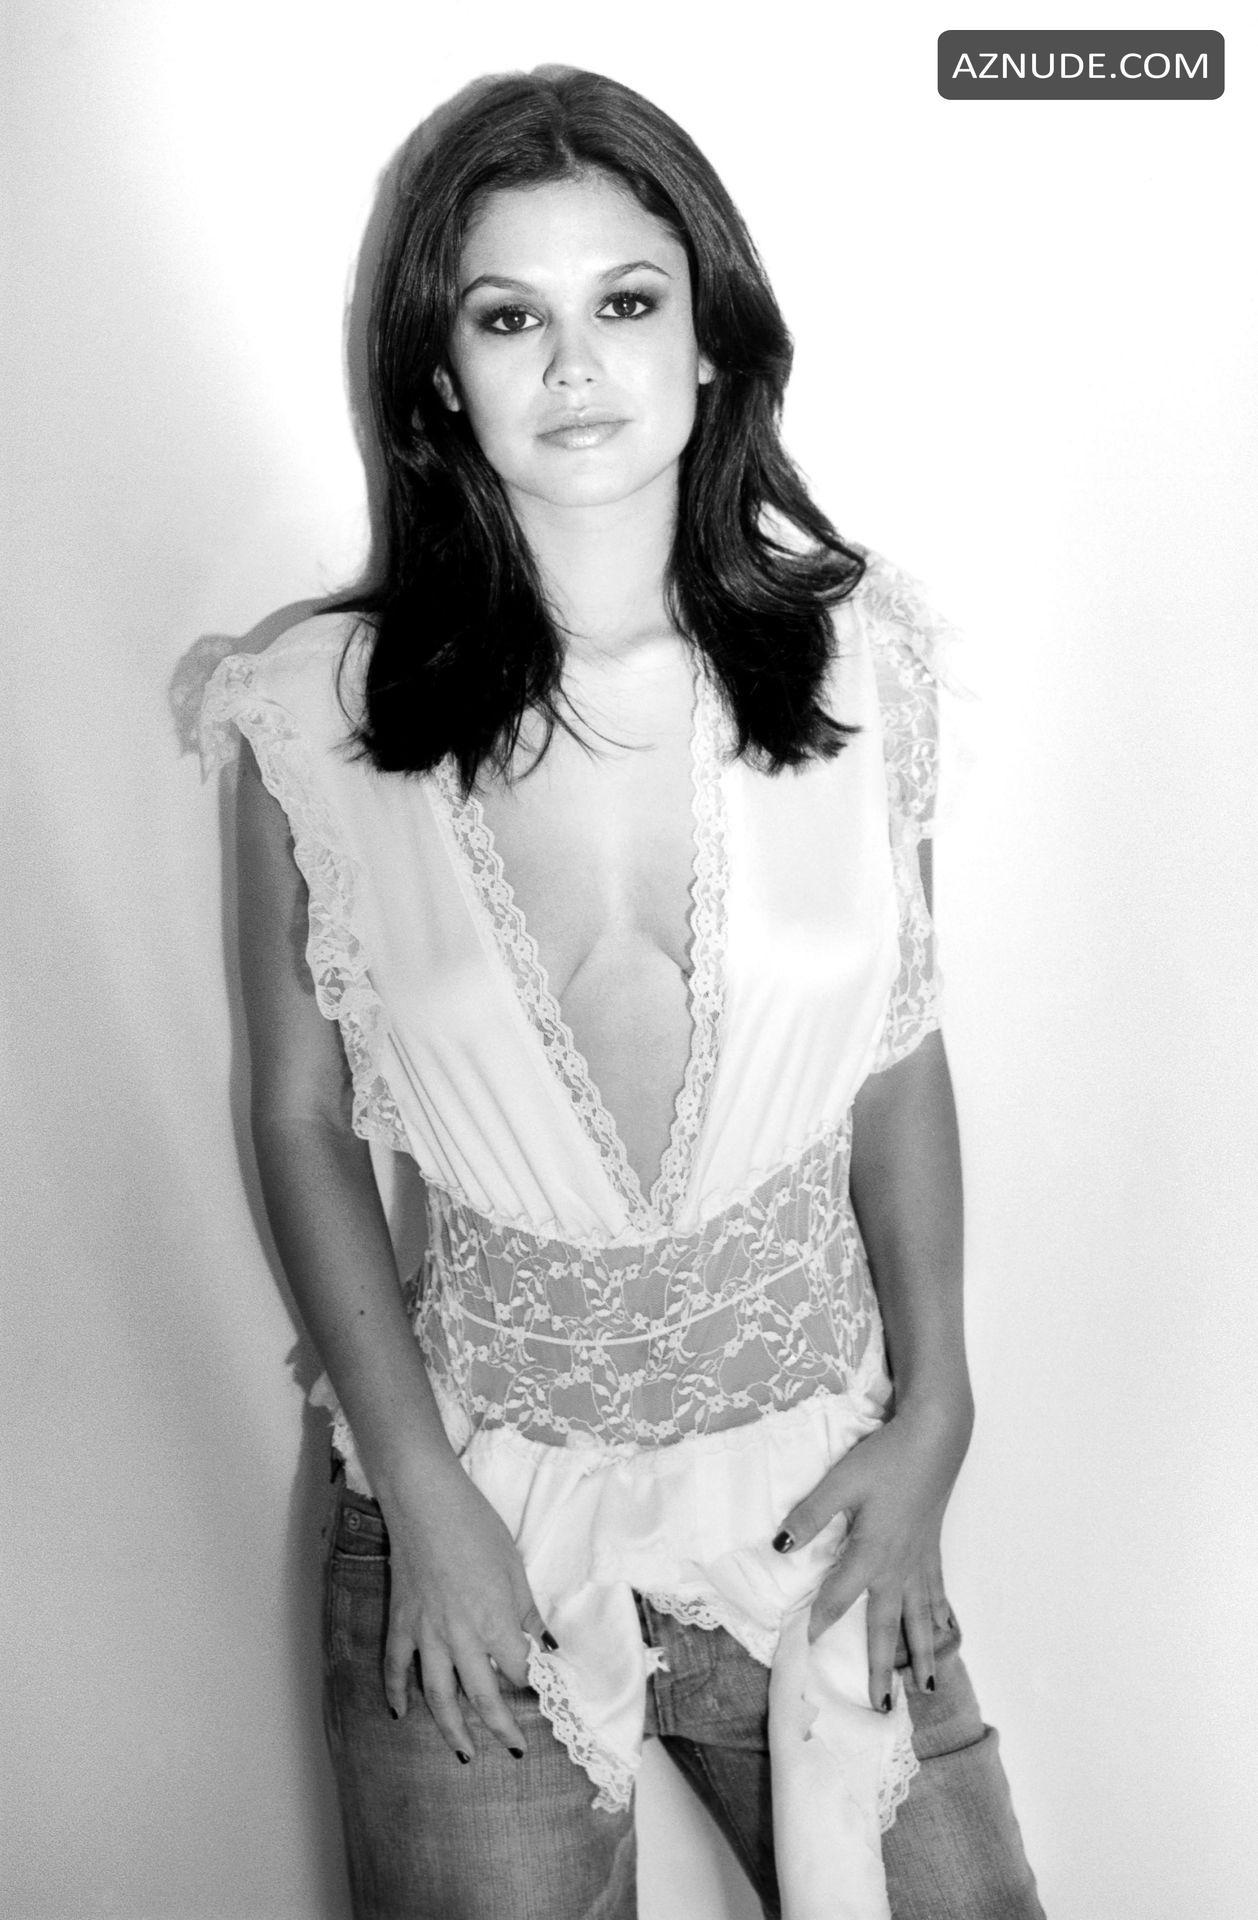 Sexy Rachel Beilson Nude Photos